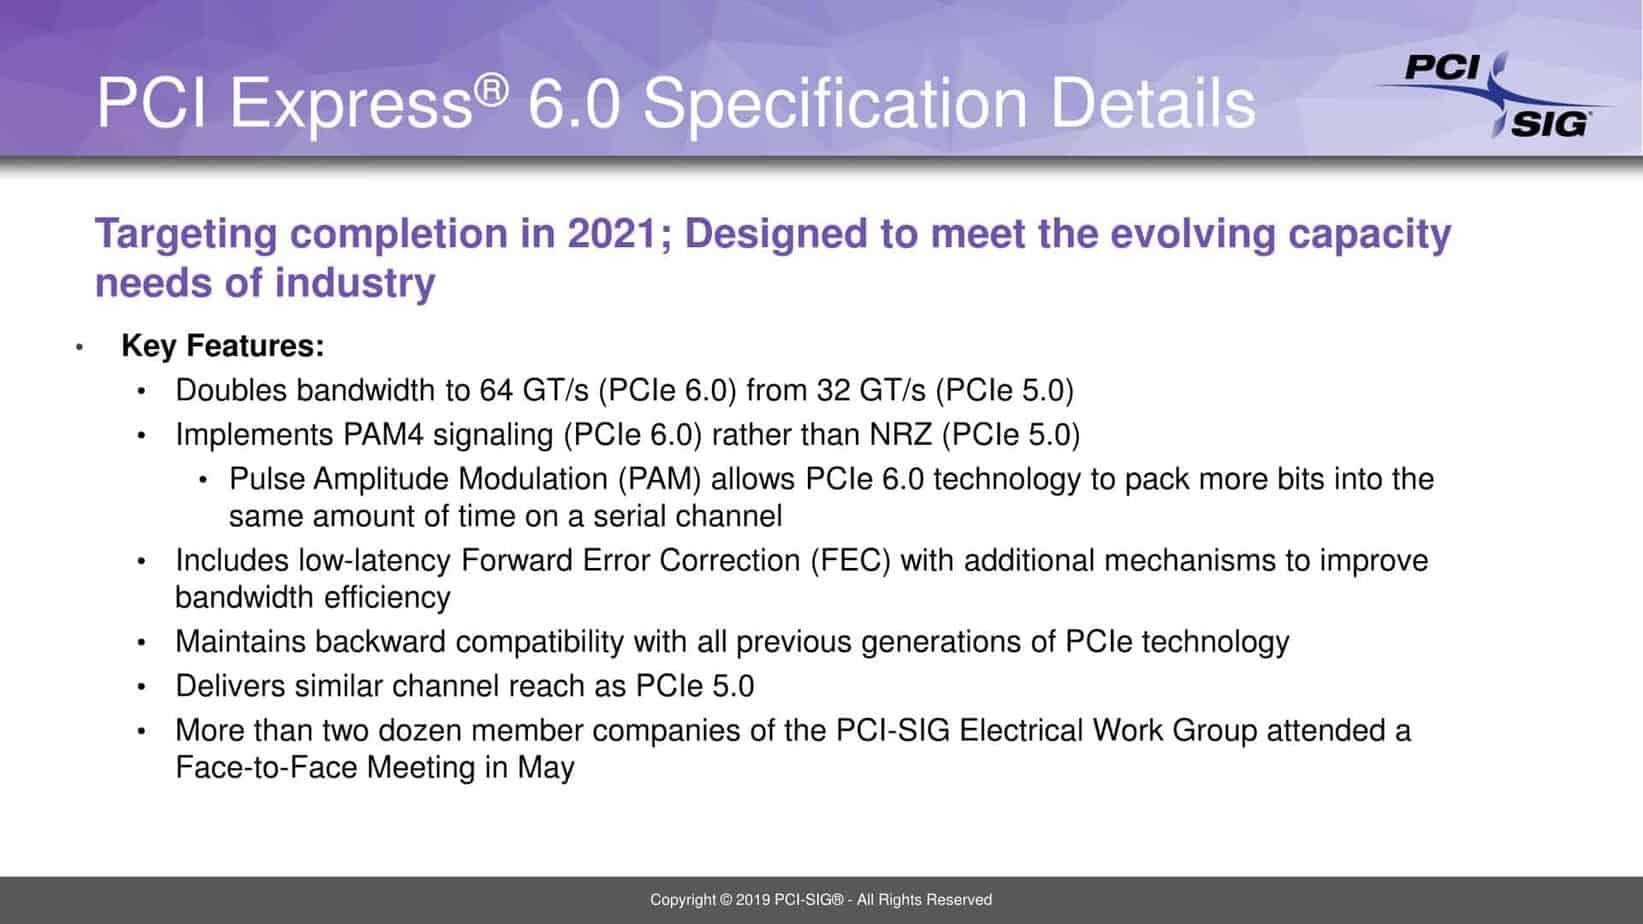 PCI Express Gen 6.0 3